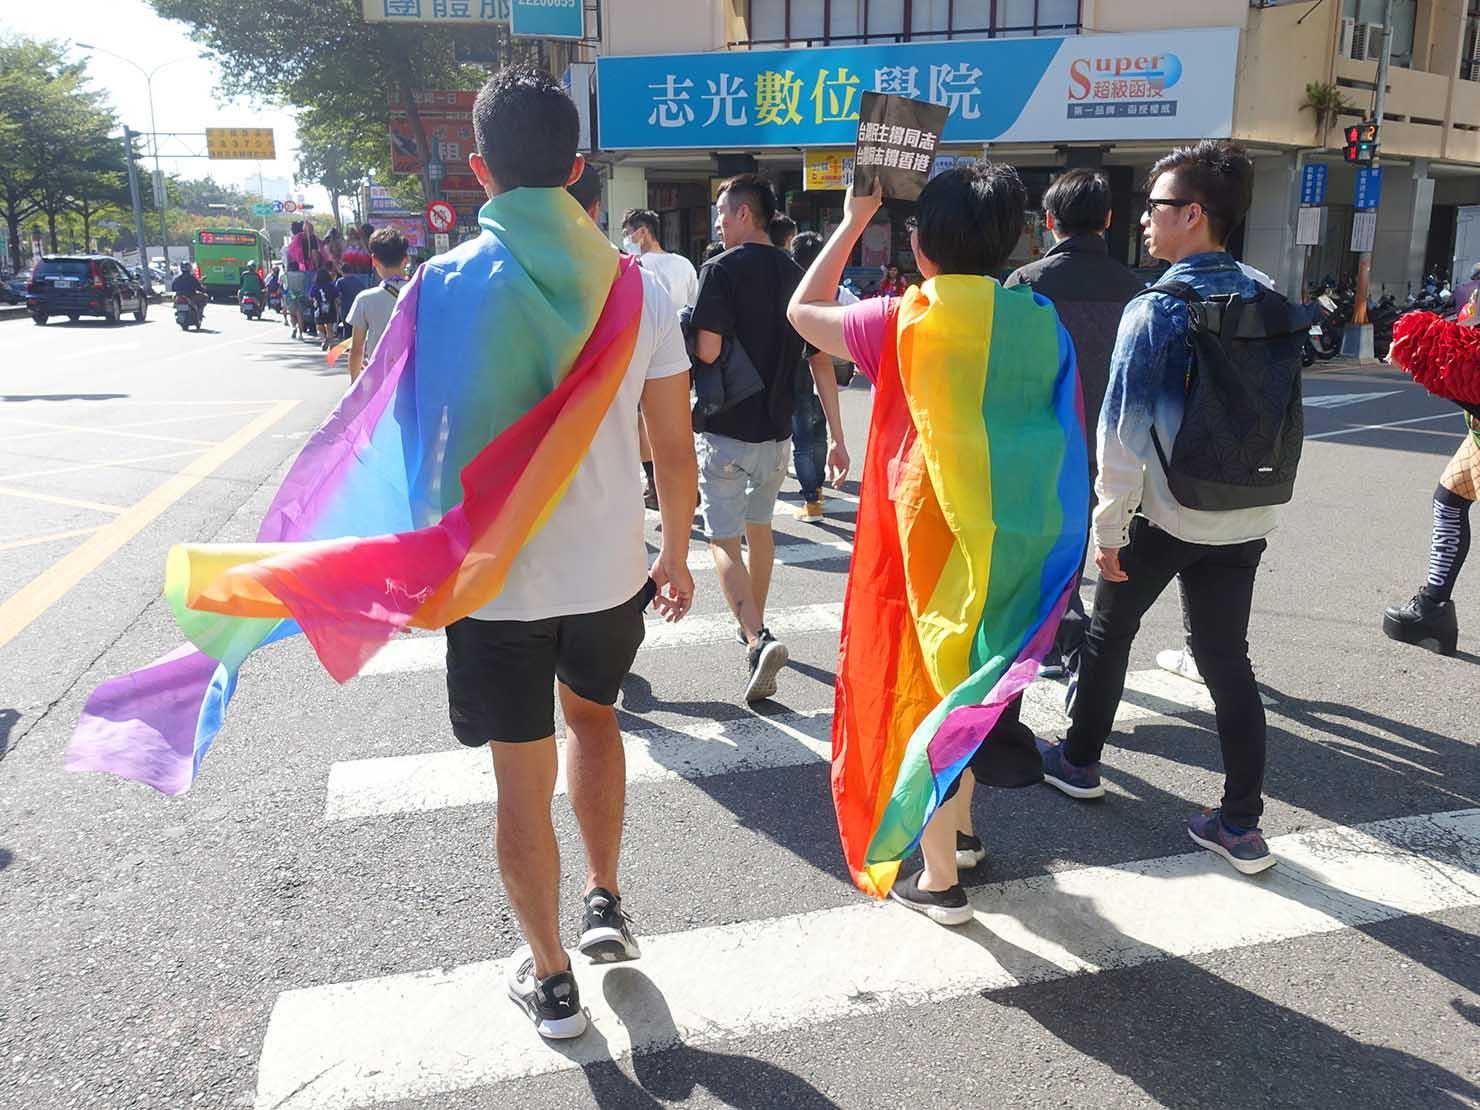 台中同志遊行(台中LGBTプライド)2019のパレードをレインボーフラッグを纏って歩く参加者